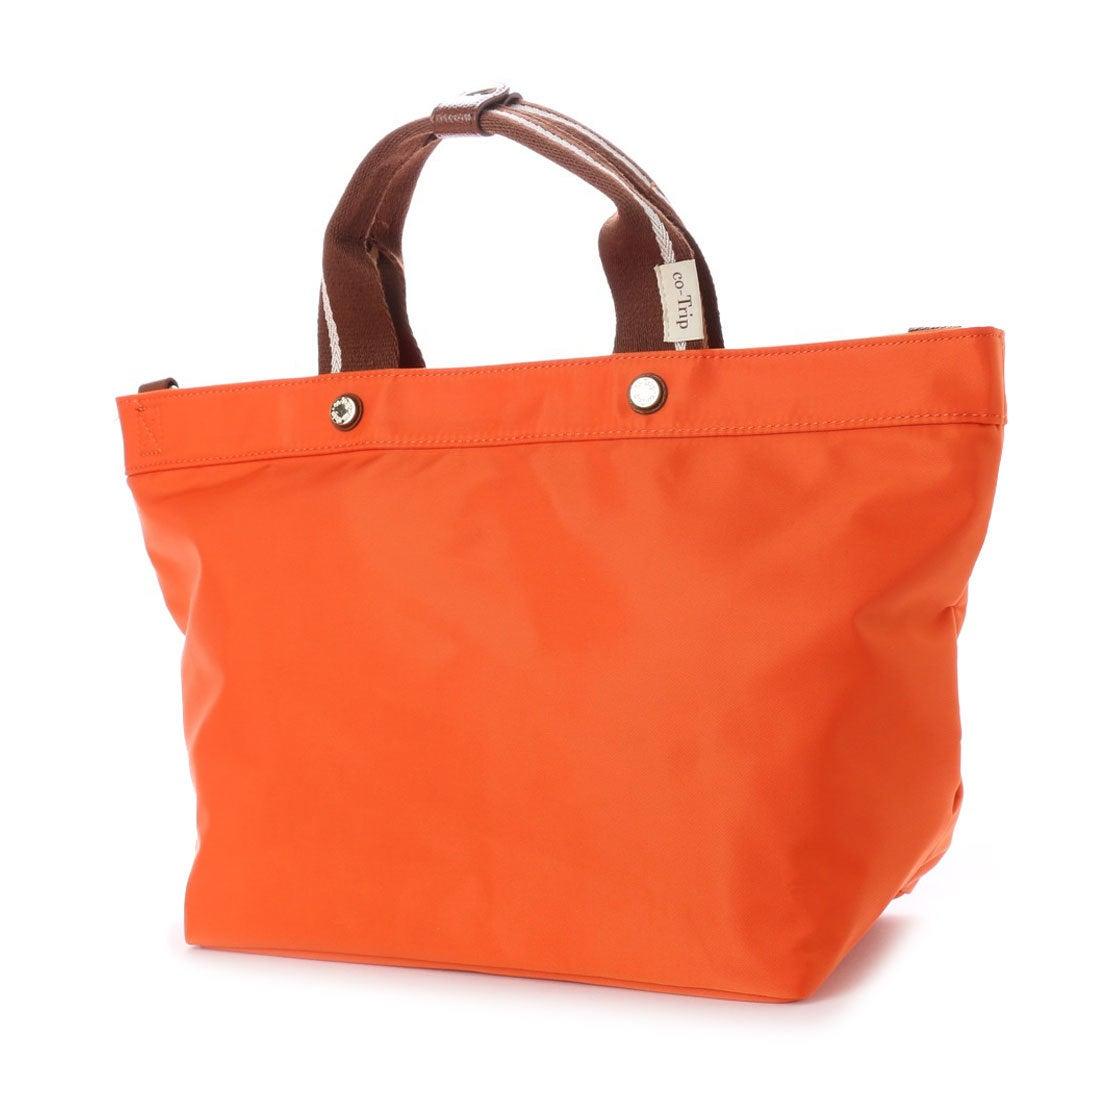 コトリップ ことりっぷ 軽量 普段使いにぴったりなことりっぷ トートバッグ (オレンジ) レディース